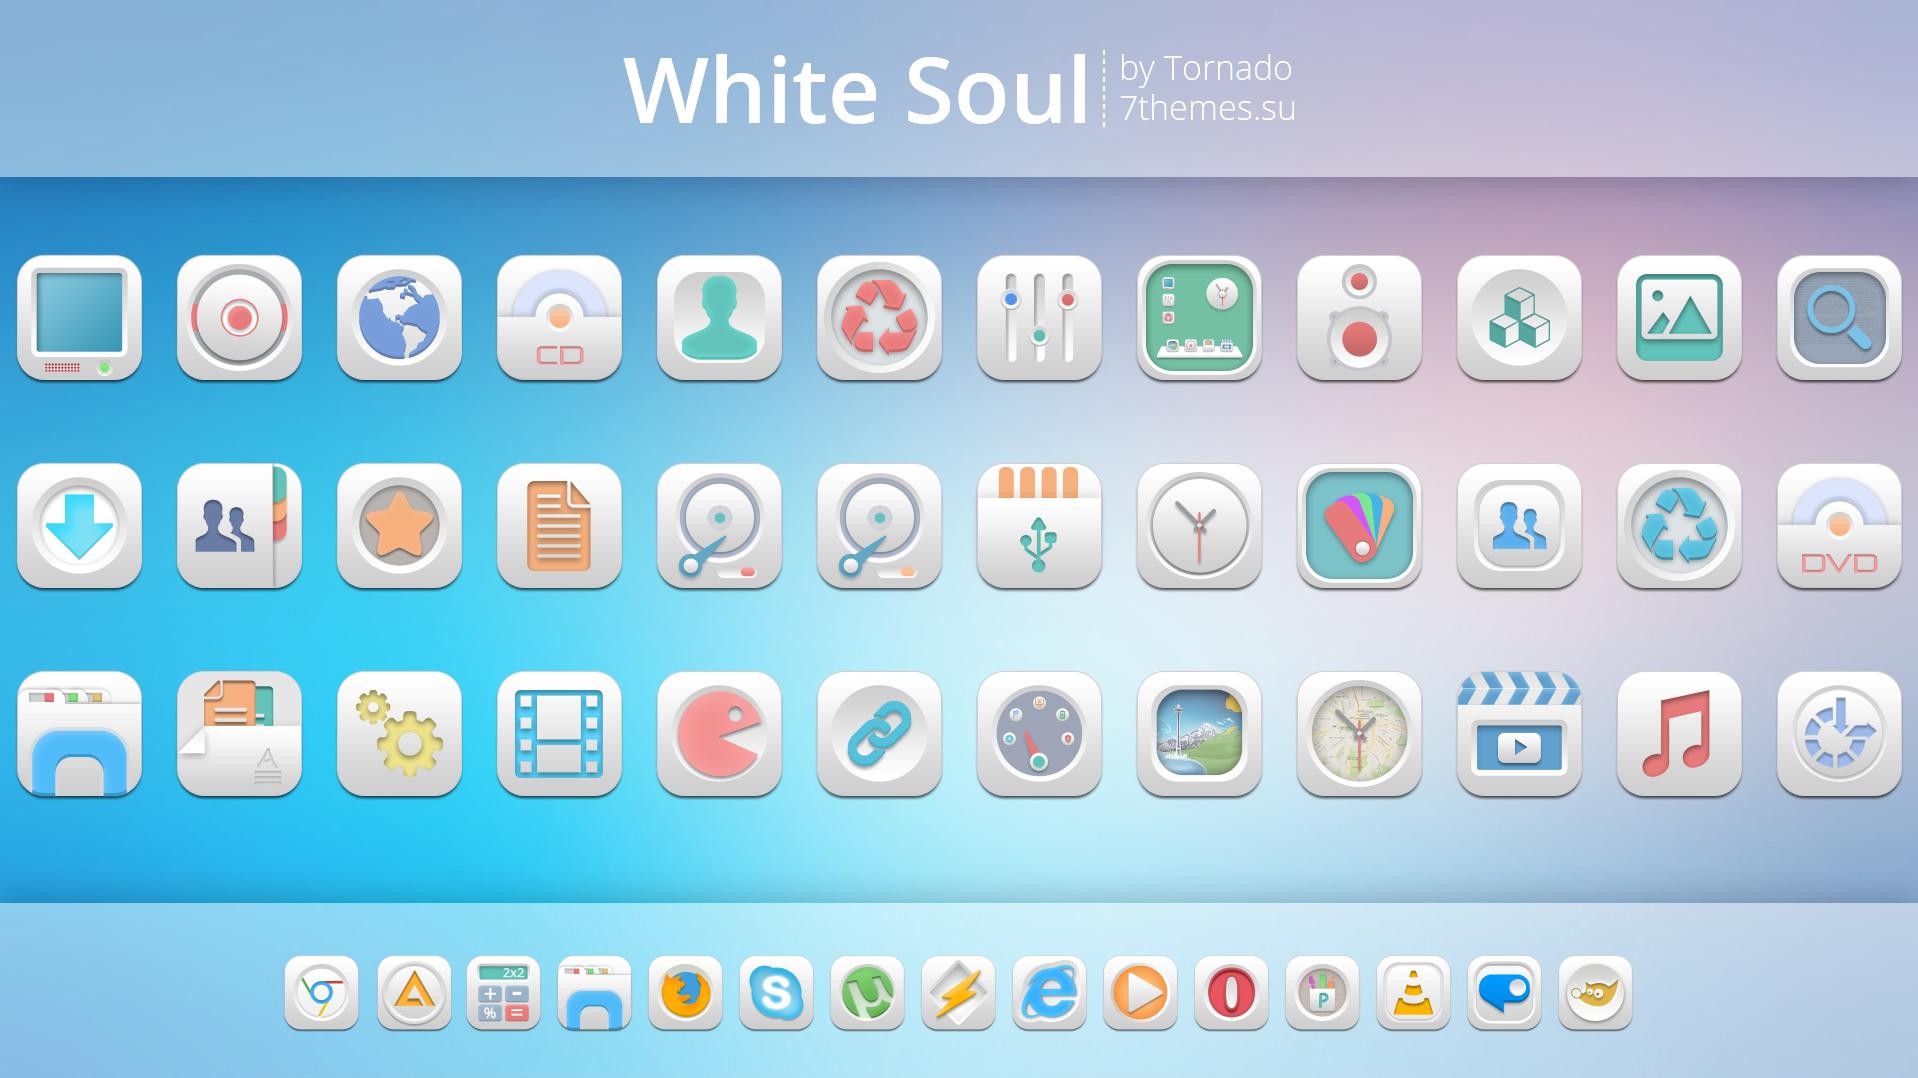 White Soul